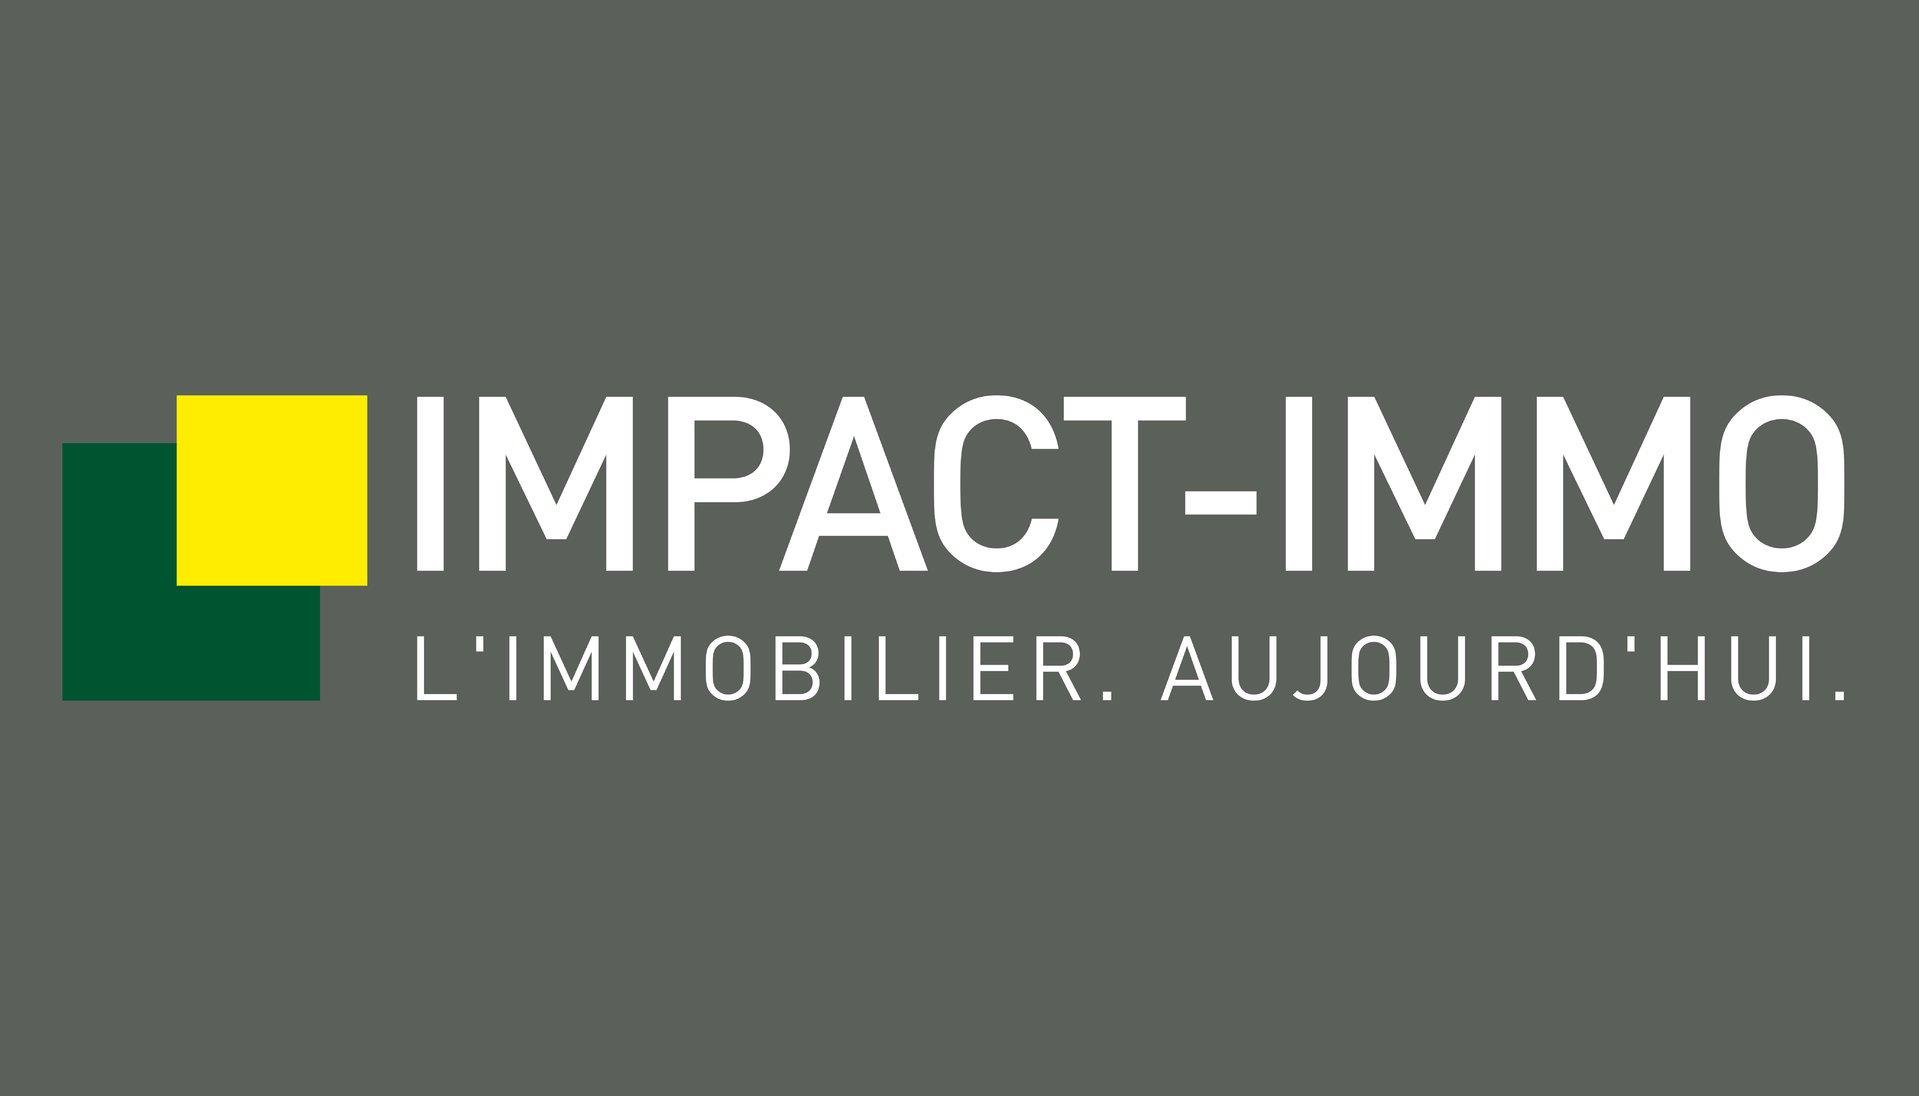 NOUVEAUTÉ IMPACT IMMO : 3P STANDING BALCON CAVE PARKING 2019